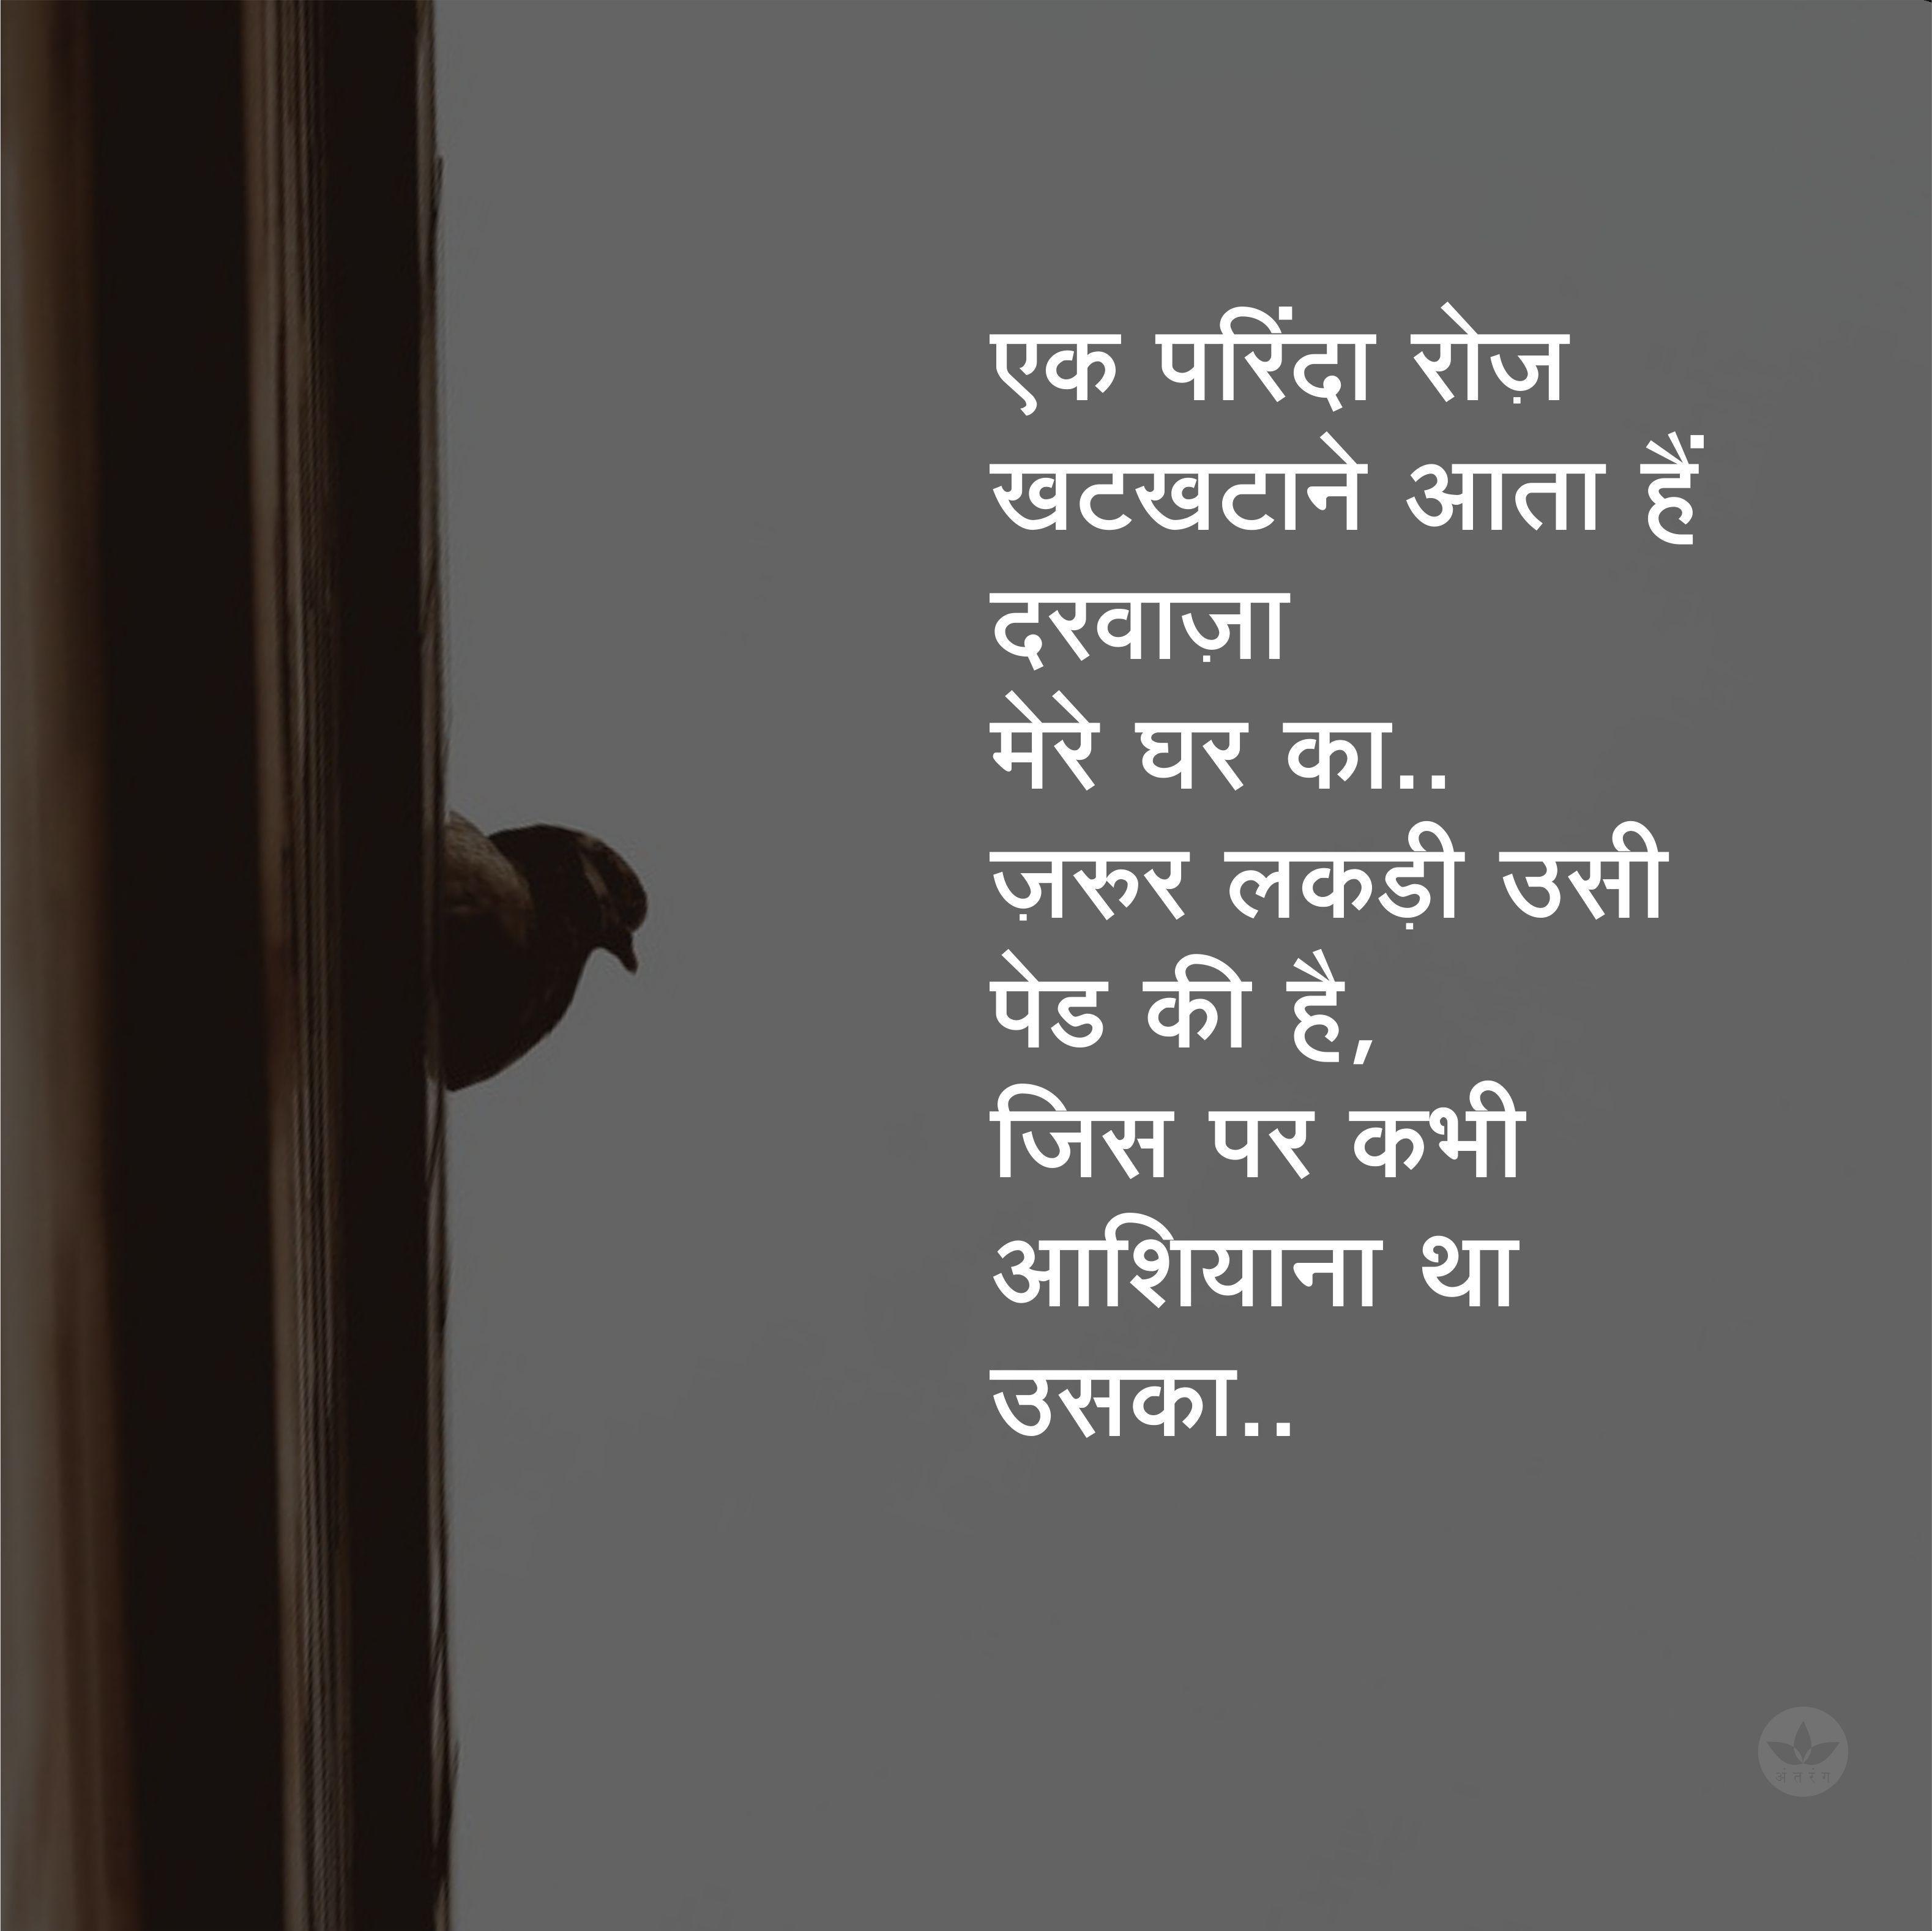 Shatrudhan Shatru Shayari Pinterest Hindi Quotes Quotes And